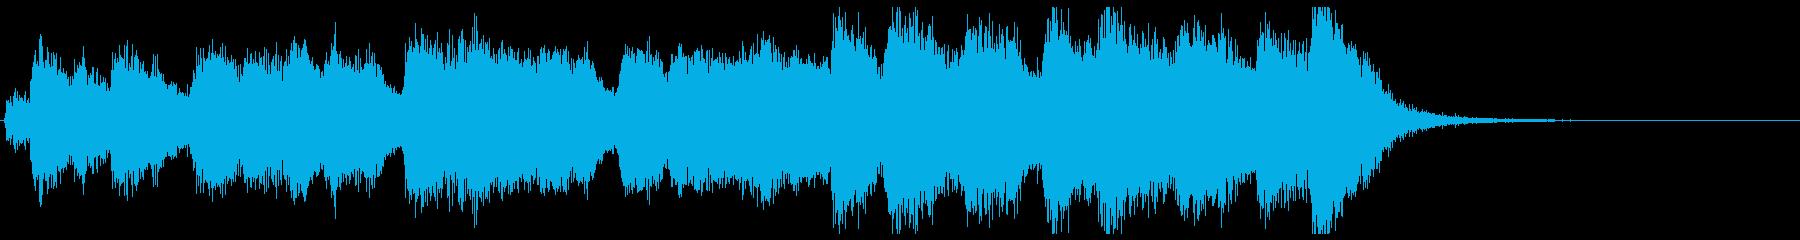 ワールドニュース風フルオケジングル合唱抜の再生済みの波形